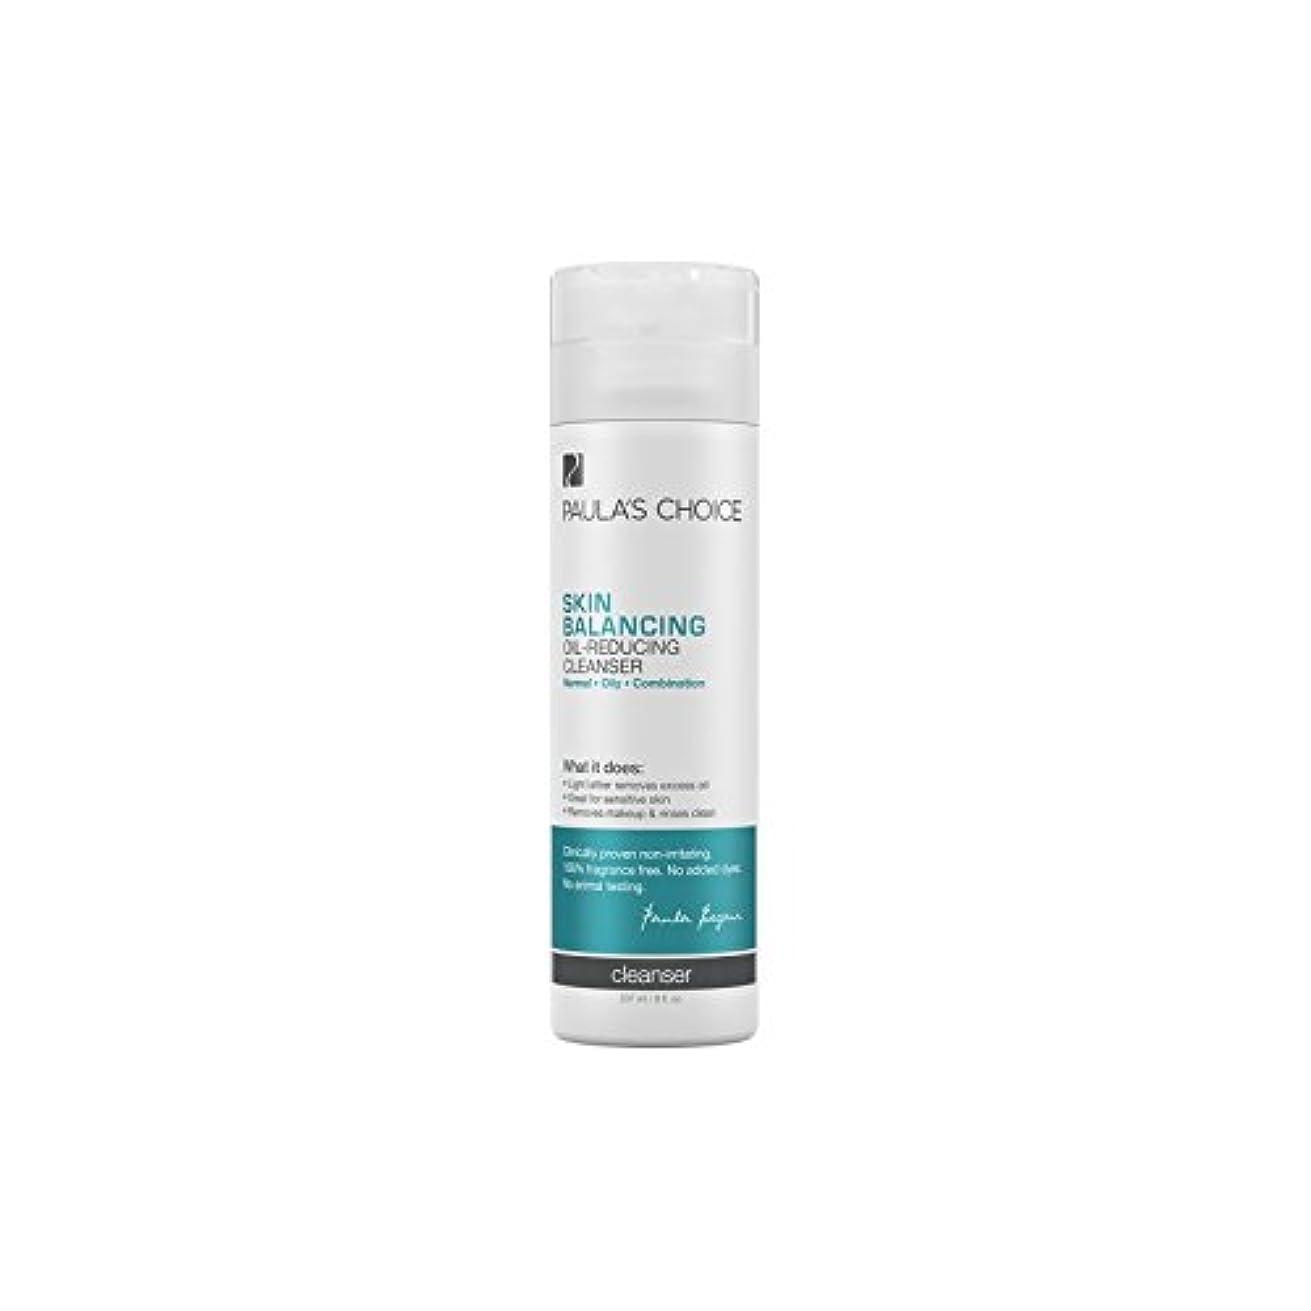 ミニチュア揮発性無謀Paula's Choice Skin Balancing Oil-Reducing Cleanser (237ml) - ポーラチョイスの肌のバランスオイル低減クレンザー(237ミリリットル) [並行輸入品]